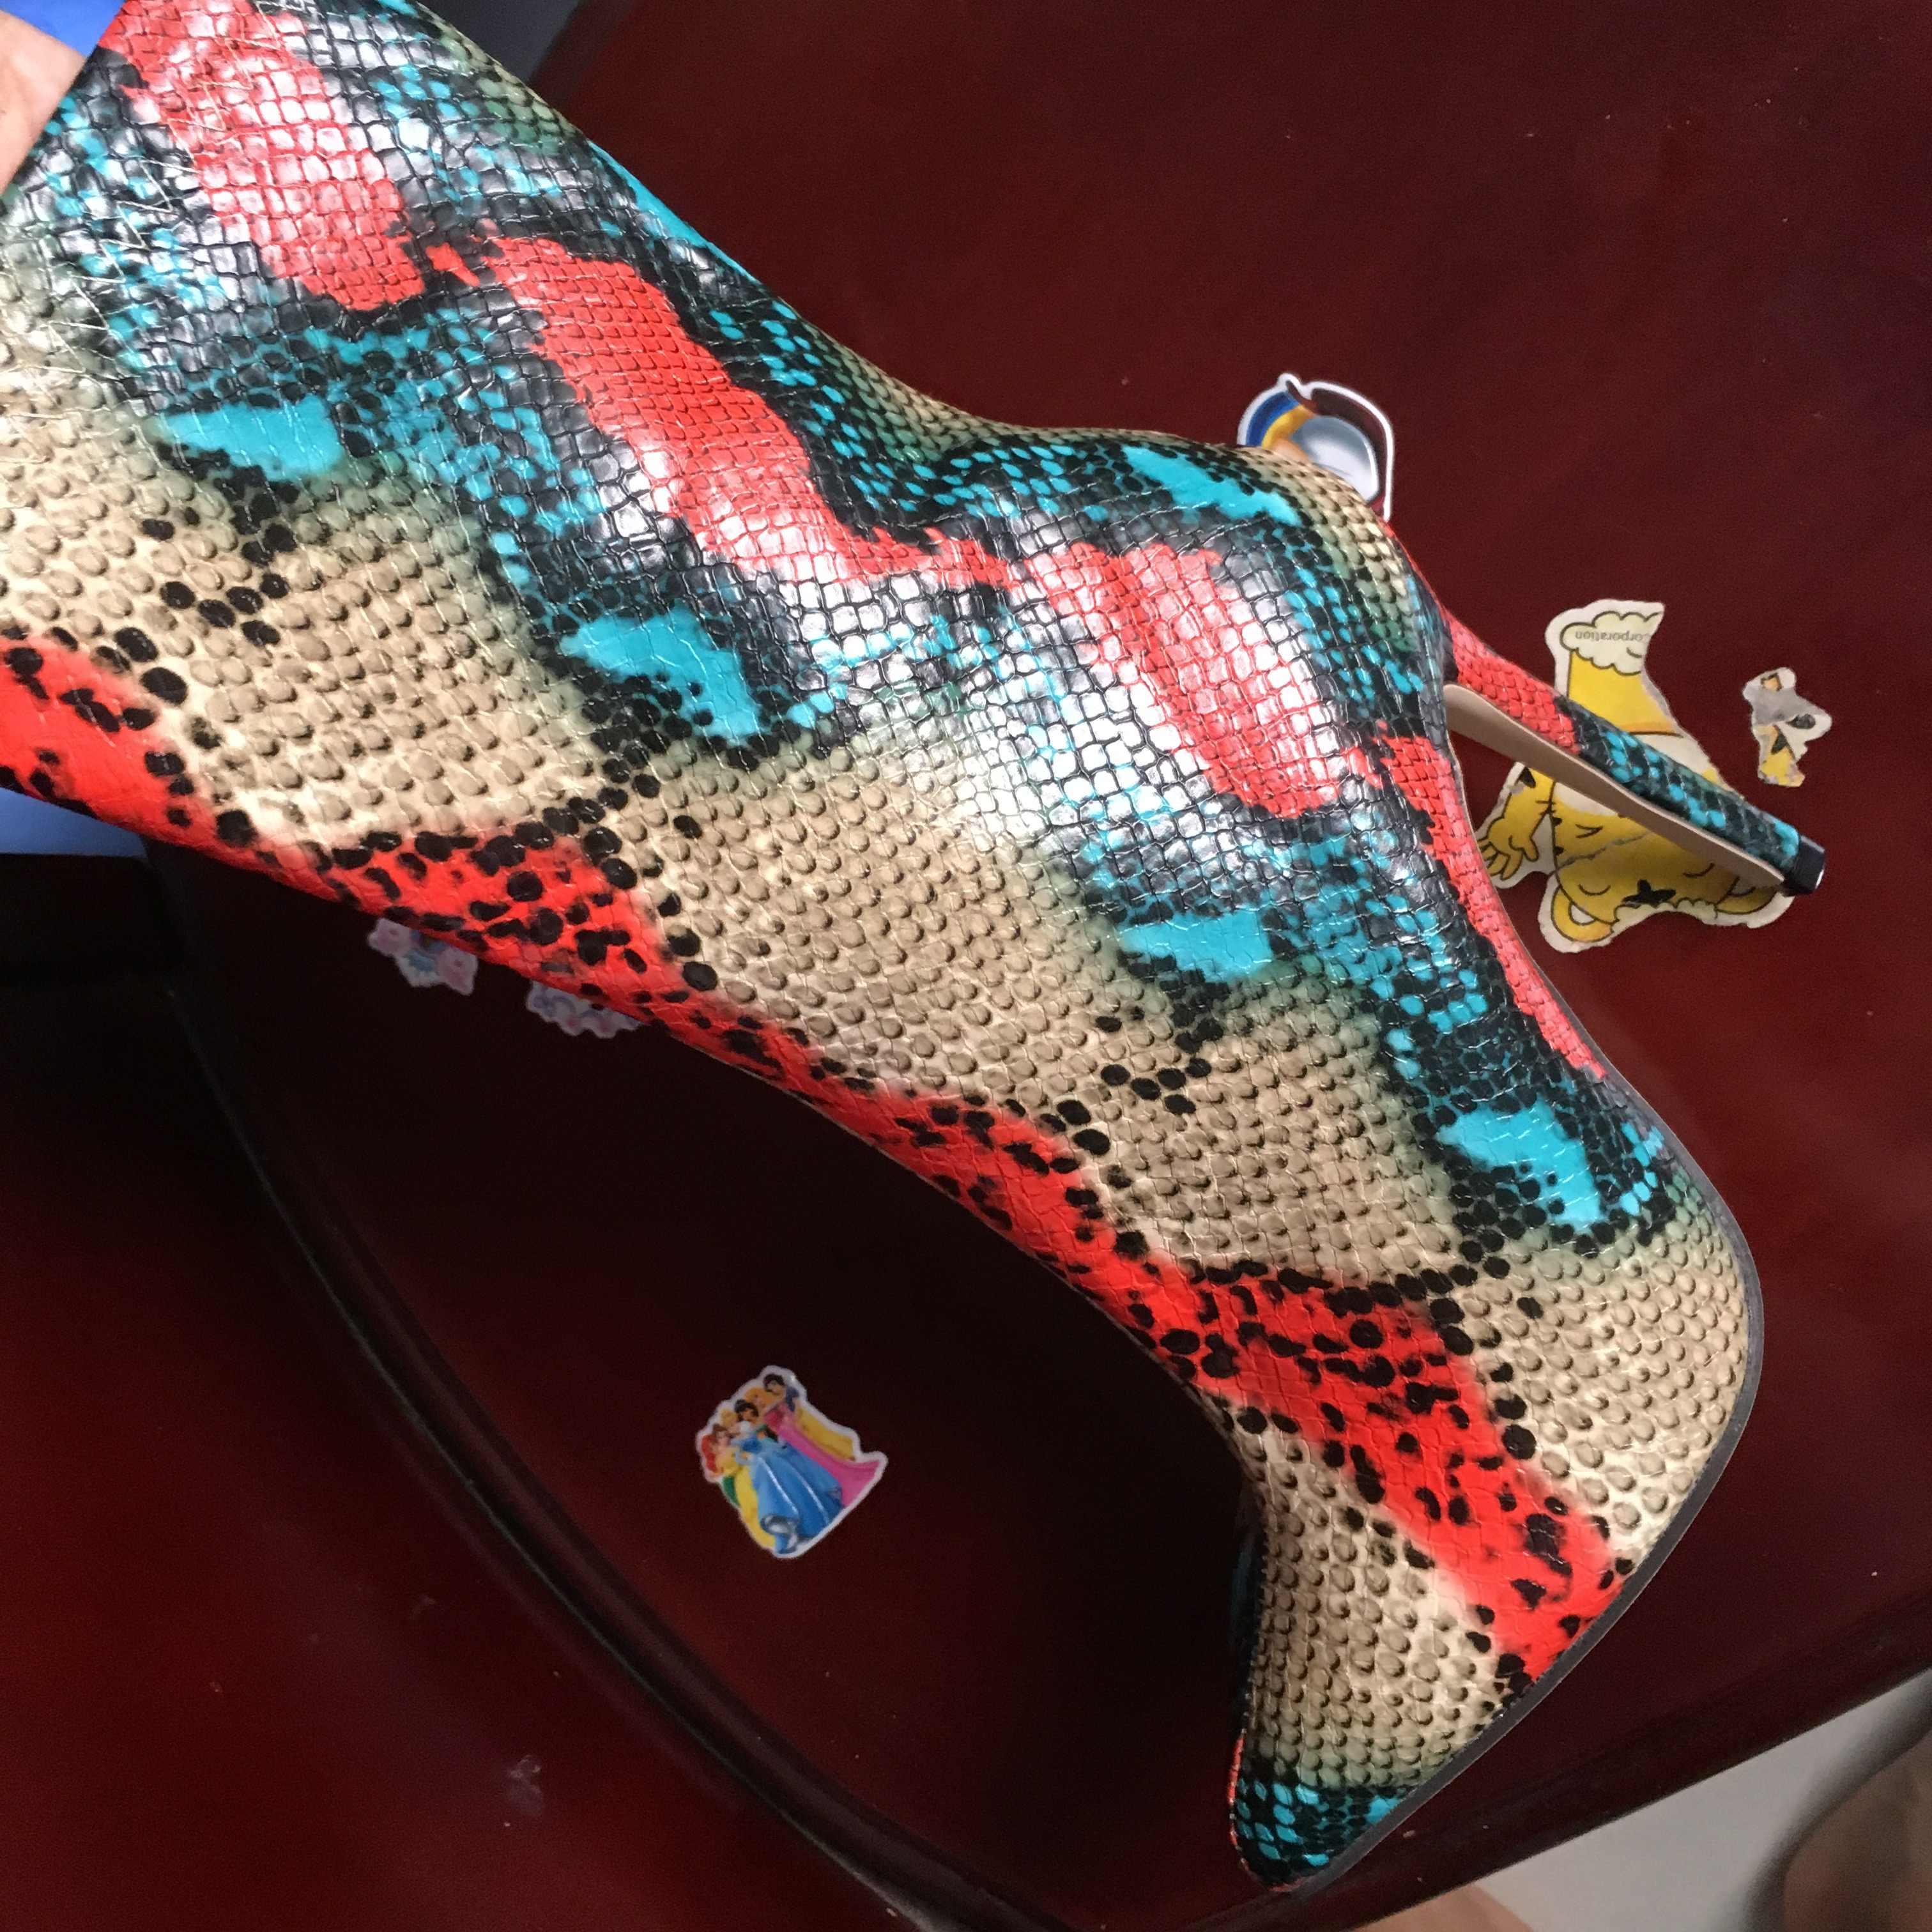 2021 Nieuwe Vrouwen 11.5Cm Hoge Hakken Laarzen Fetish Wees Teen Laarzen Serpentine Zip Enkellaarsjes Prom Herfst Snake Print stripper Schoen